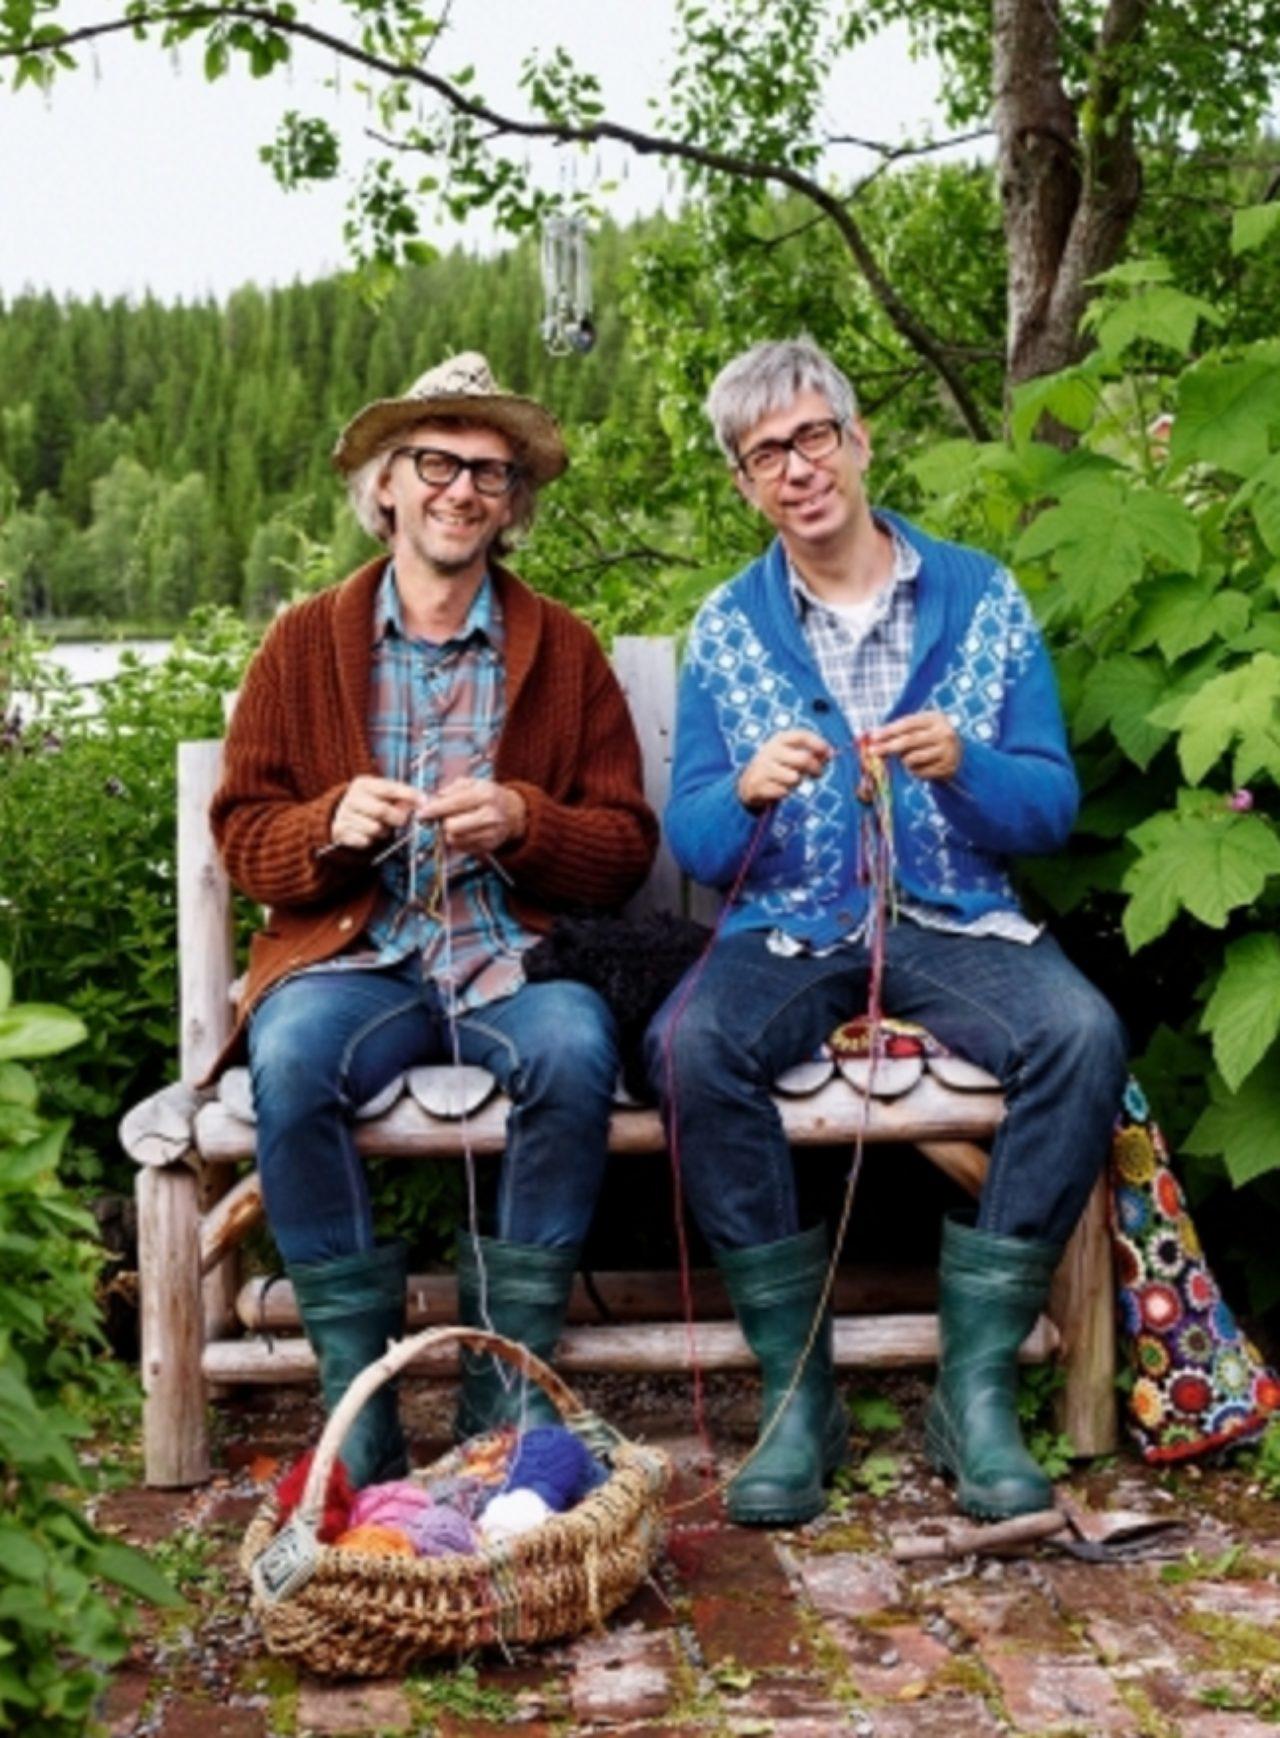 画像: ノルウェー人のアルネ(Arne Nerjordet)とスウェーデン人のカルロス(Carlos Zachrison)が出会い、2002年に誕生したデザイン・デュオ。オスロの北180kmにあるヴァルドレス地方トンスオーセンのかつての駅舎にアトリエを構え、創作活動を行っている。ノルウェーの伝統的なニットやスカンジナビア民俗アート、そして自然からインスピレーションを得たモチーフを融合させたデザインが特徴的で、北欧をはじめ欧米で高い人気を博している。2008年にはコム・デ・ギャルソンとのコラボレーションにより日本でも限定商品が販売され、話題となった。その後、モードの世界を離れ、2010年に『クリスマスボール(Julekuler)』を上梓。この本がノルウェーでベストセラーとなり、編み物ブームの火付け役となった。2012年12月、2013年10月に来日し、東京、京都、大阪でワークショップ等を開催。2014年4月には日本ホビーショーにゲストとして招聘され、5月には東北ツアーを行なった。これまでに日本語翻訳書籍として『北欧のガーデンニット』『アルネ&カルロスのあみ人形』が日本ヴォーグ社から出版されている。